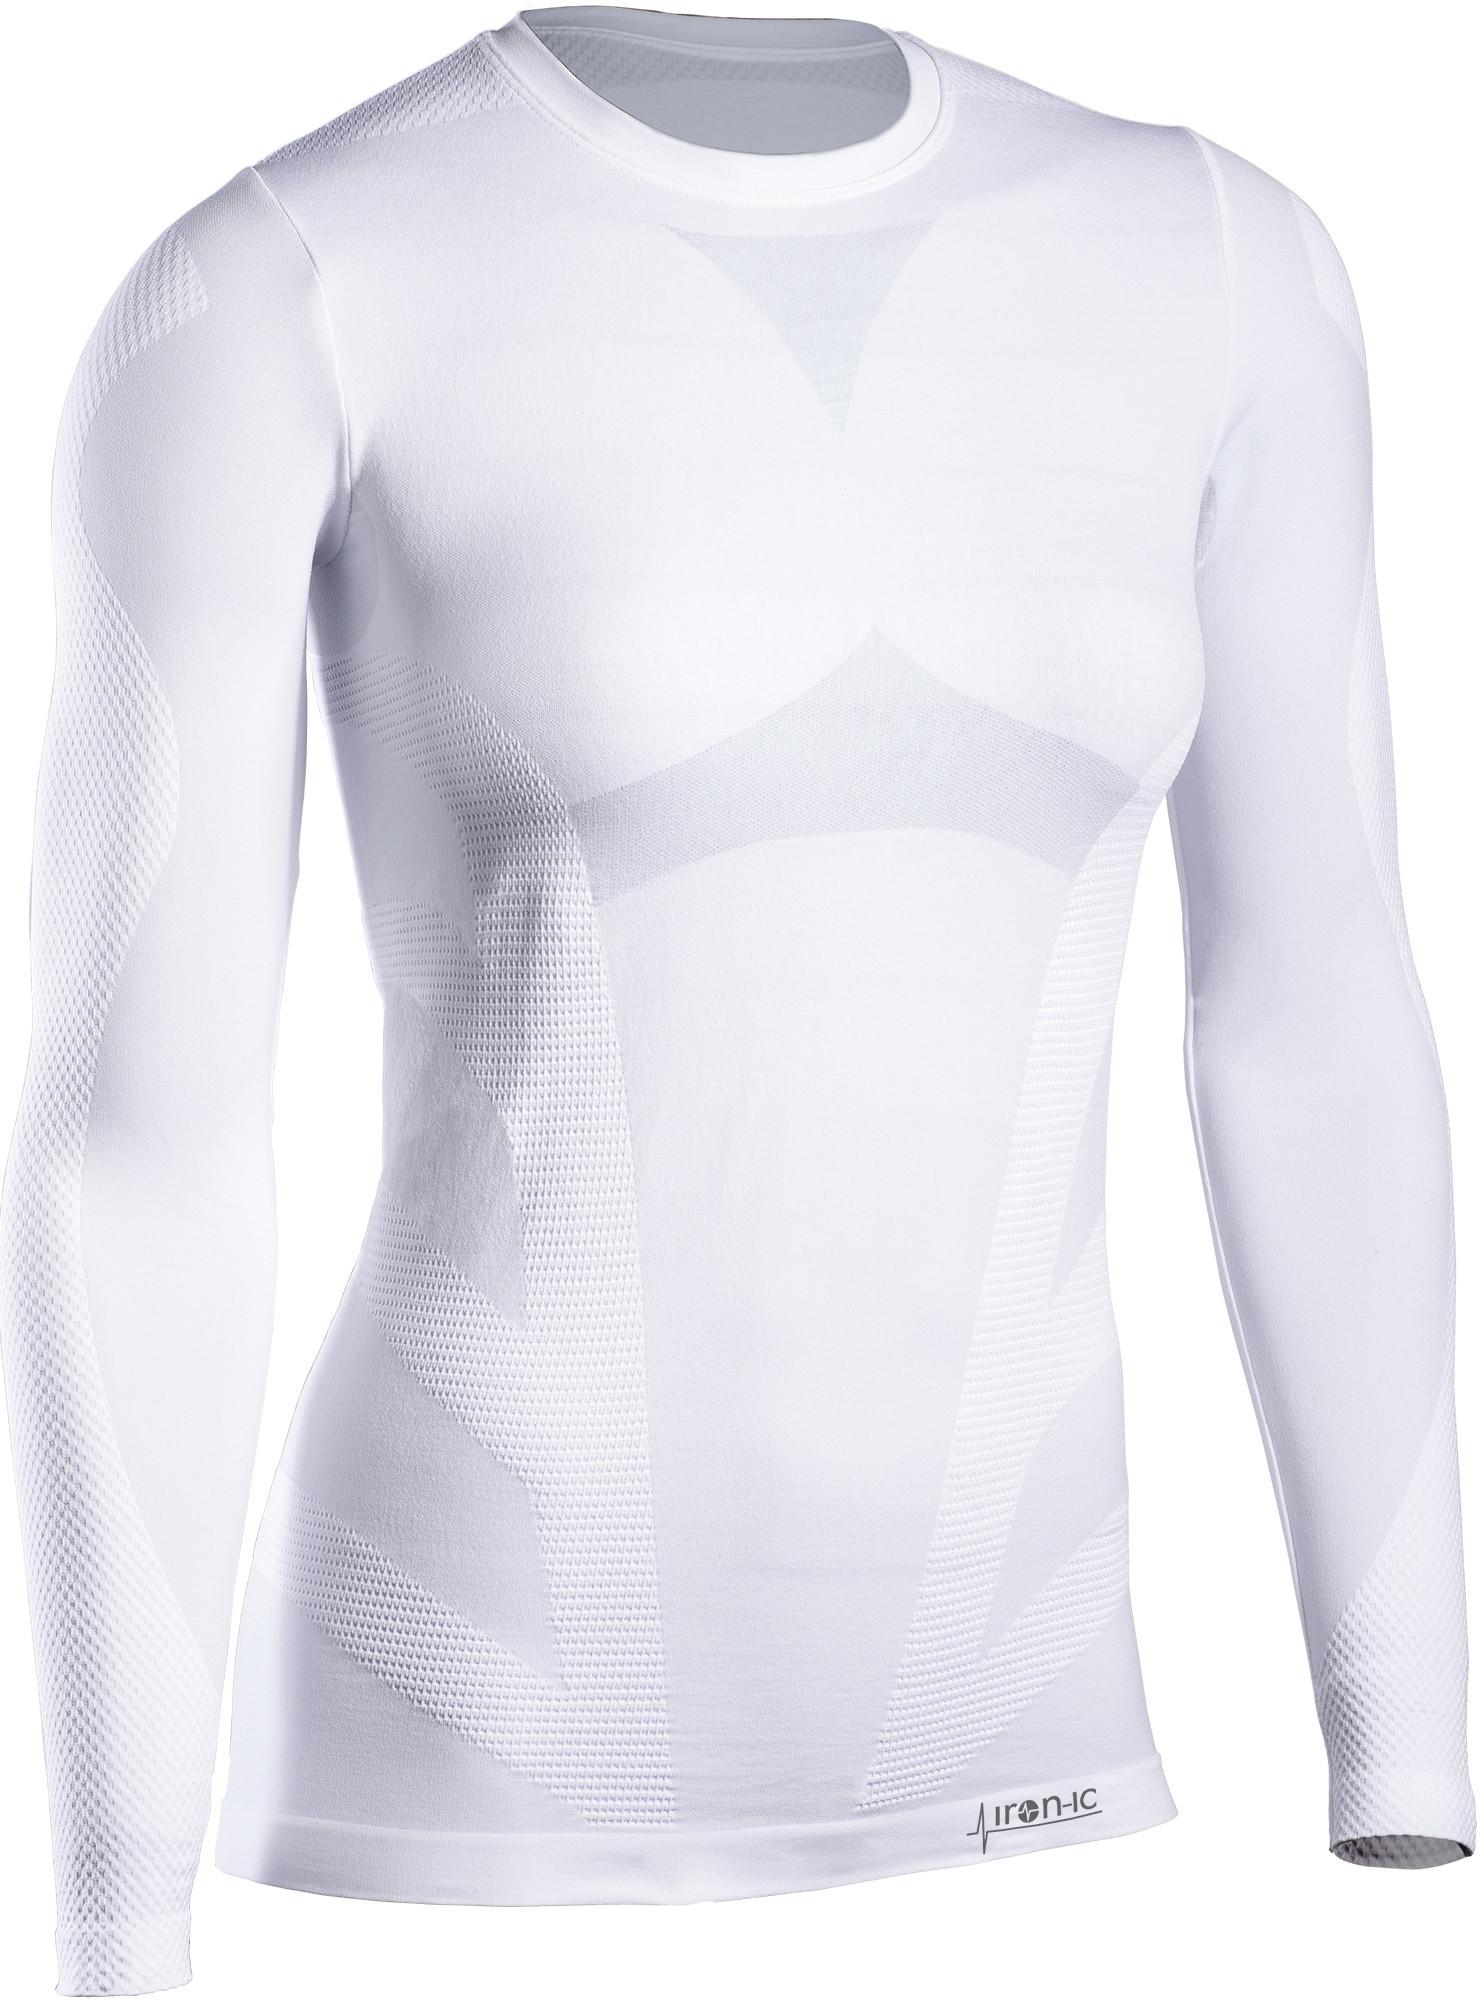 Dámske termo tričko s dlhým rukávom IRON-IC Farba: Biela, Veľkosť S / M